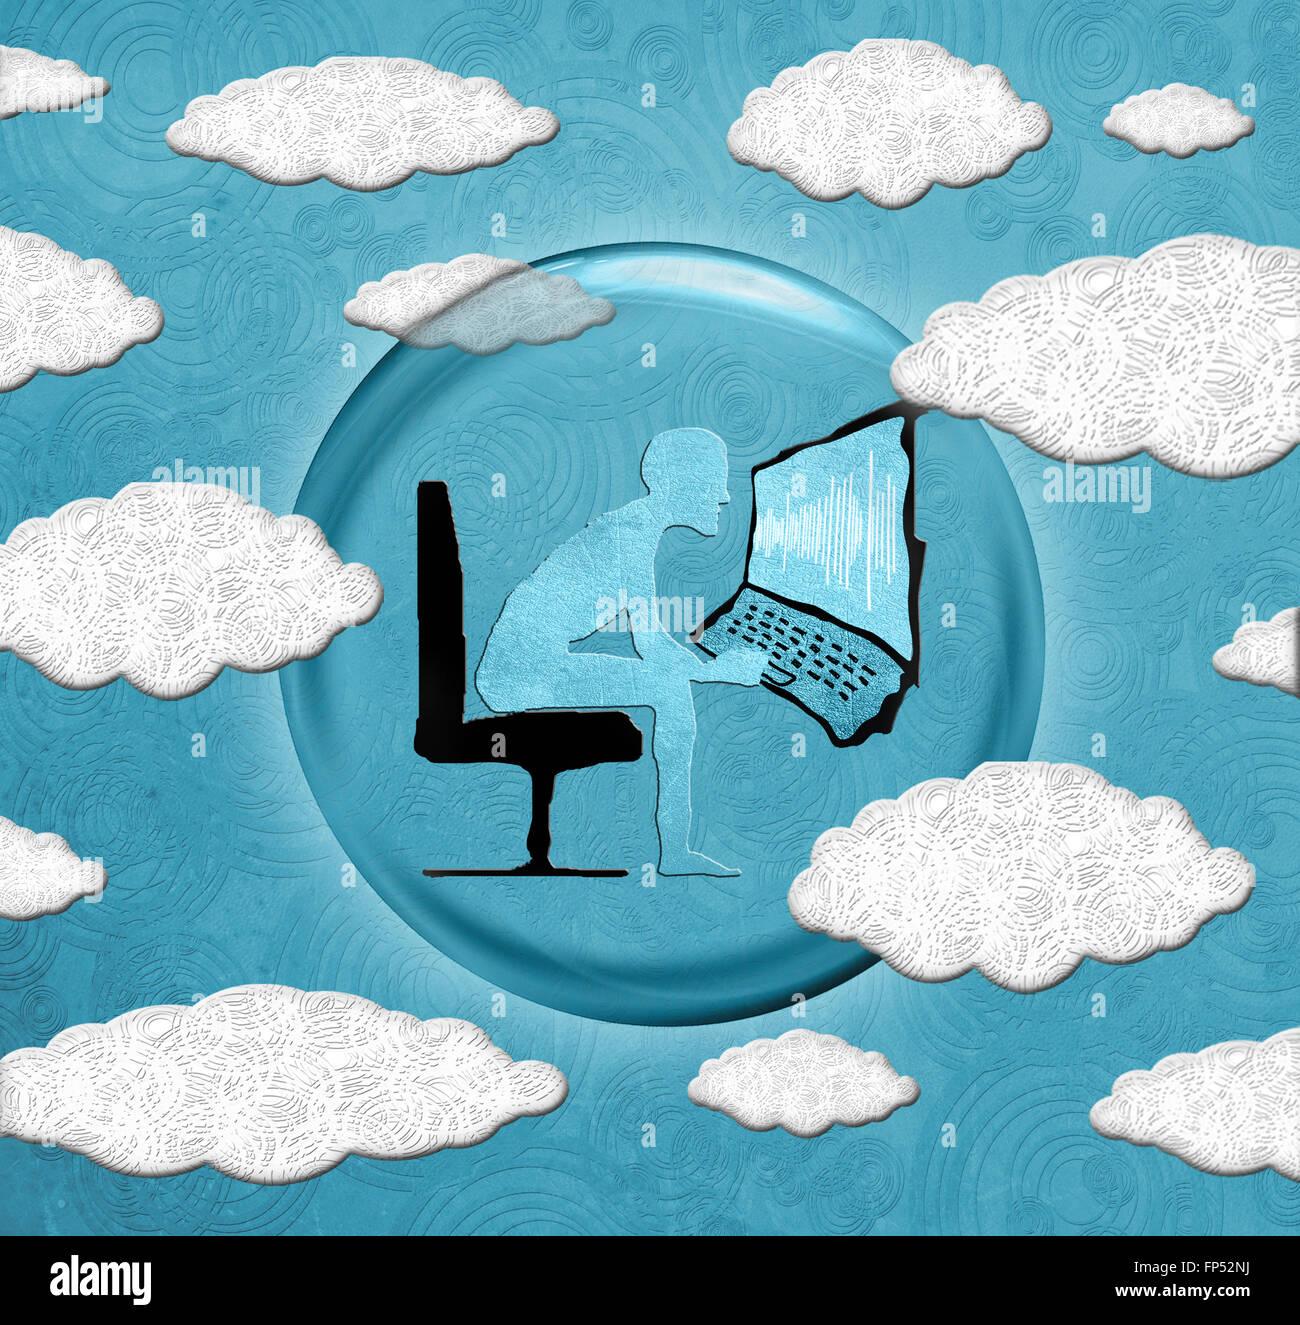 Cloud computing concept illustration numérique Banque D'Images